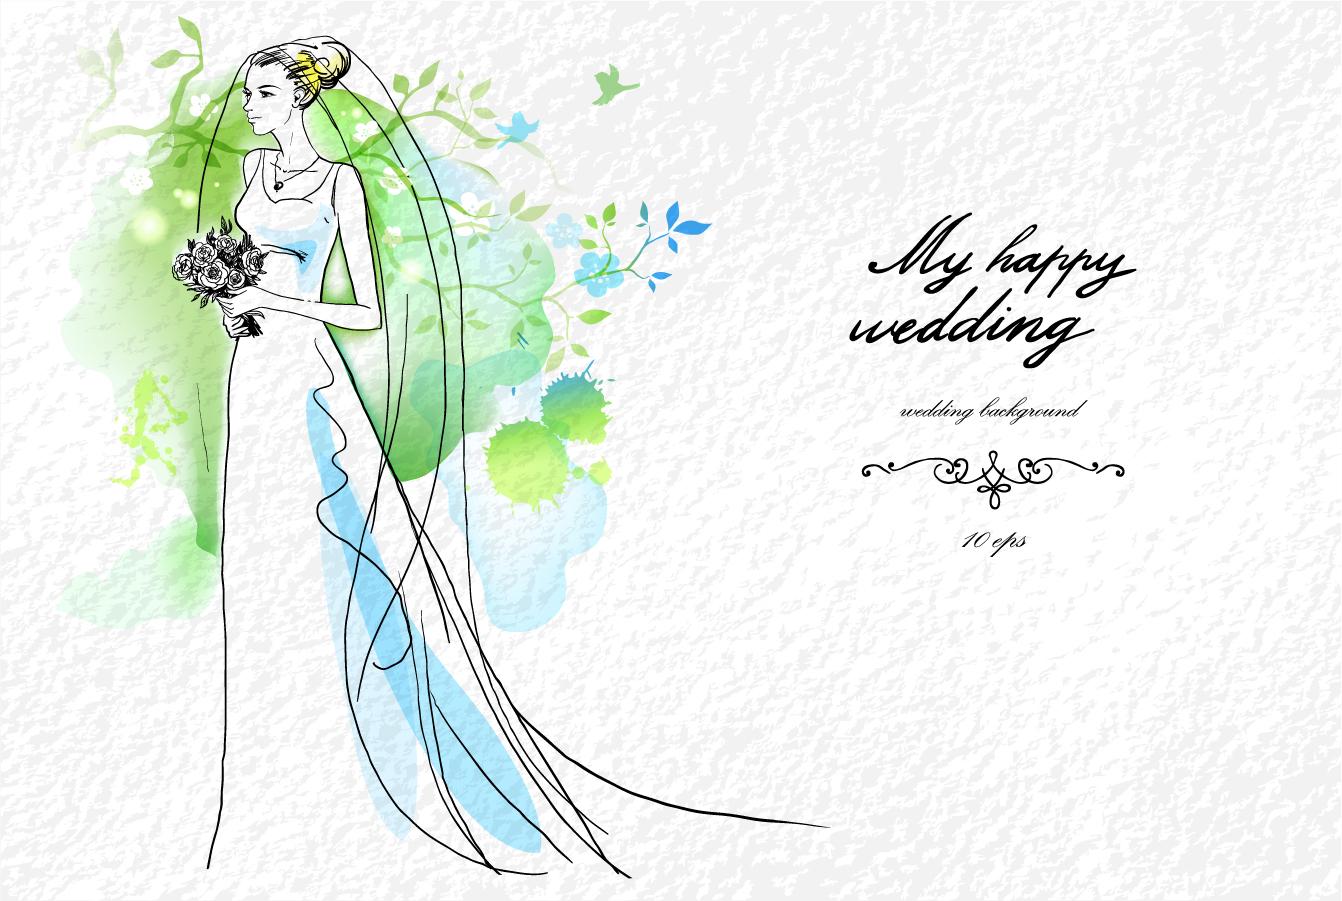 新郎新婦と結婚式の招待状 wedding invitations with bride and groom